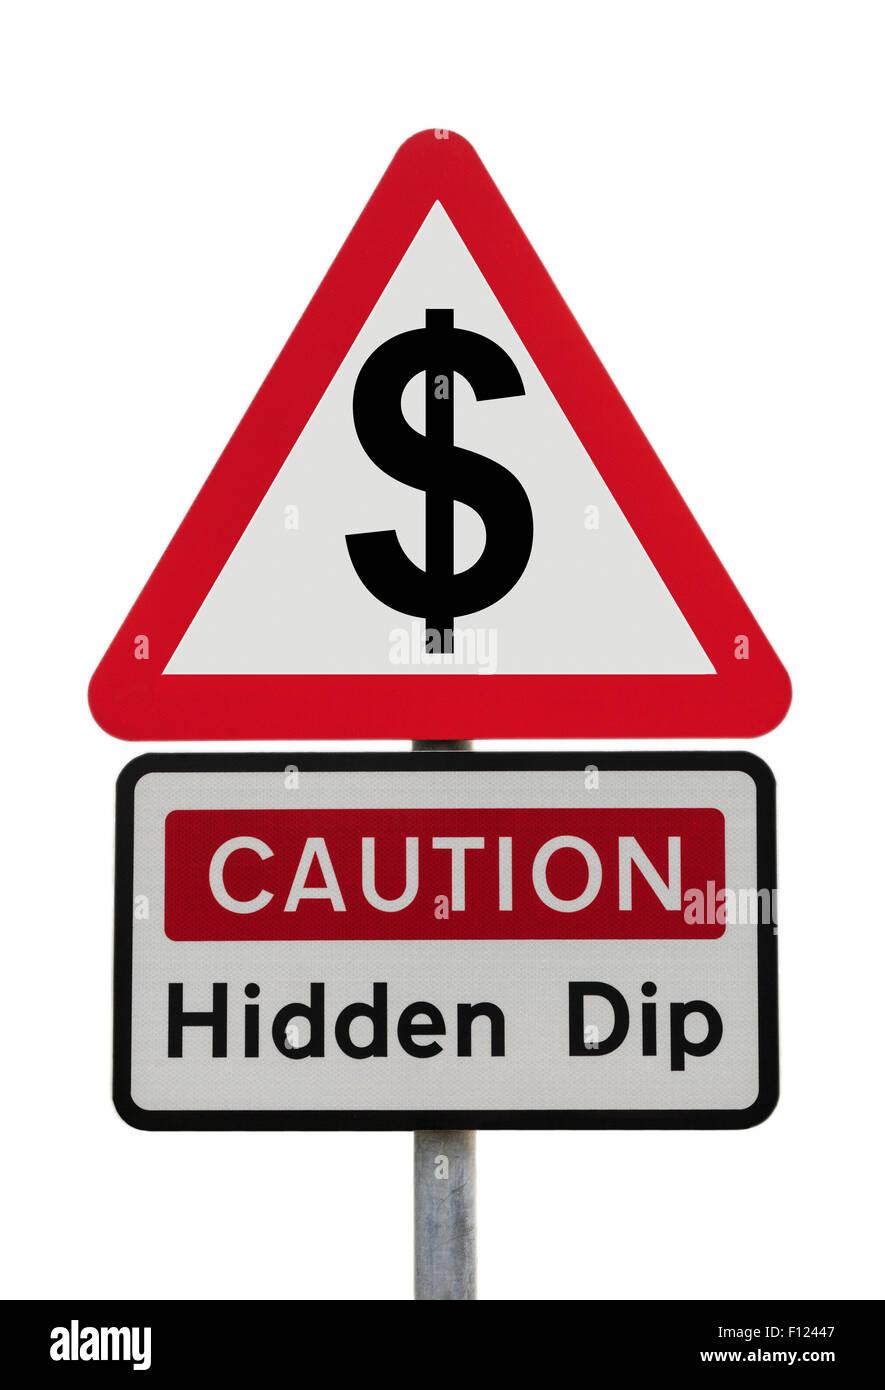 Triangolo segno di pericolo attenzione Attenzione Dip nascosti con $ dollar sign per illustrare financial future Immagini Stock